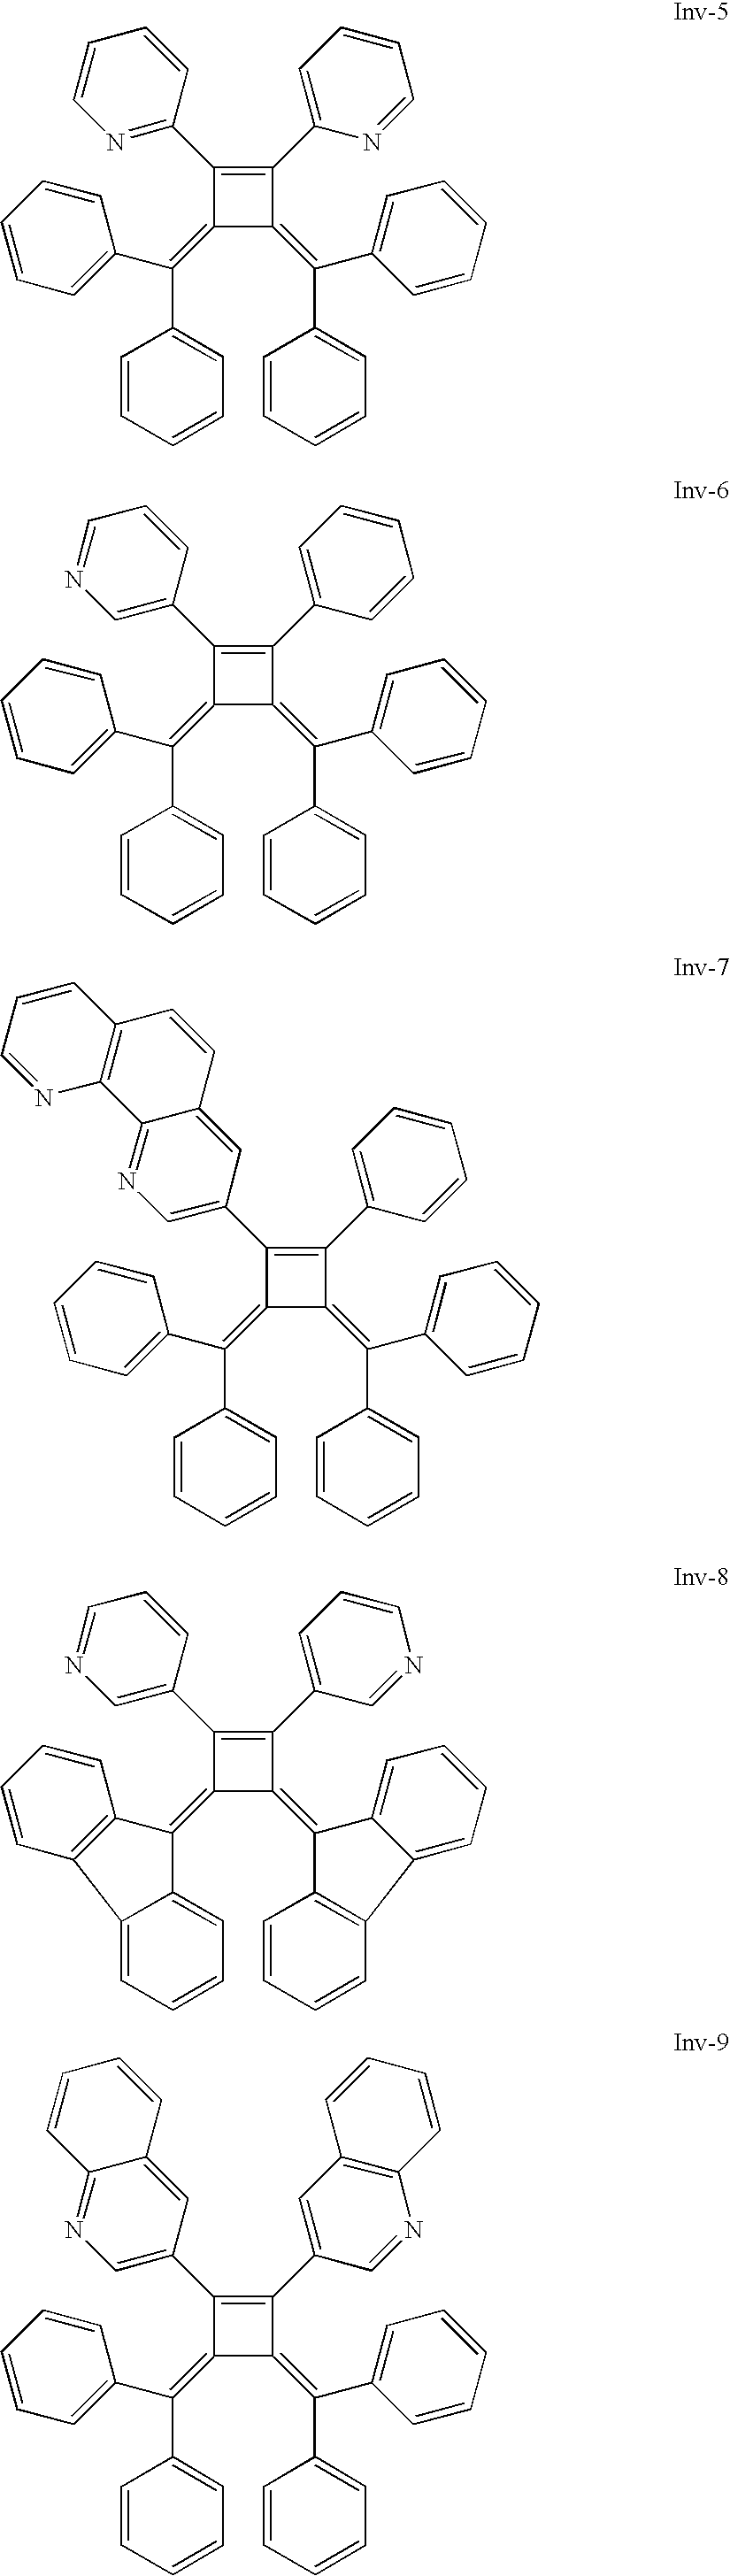 Figure US07968215-20110628-C00009